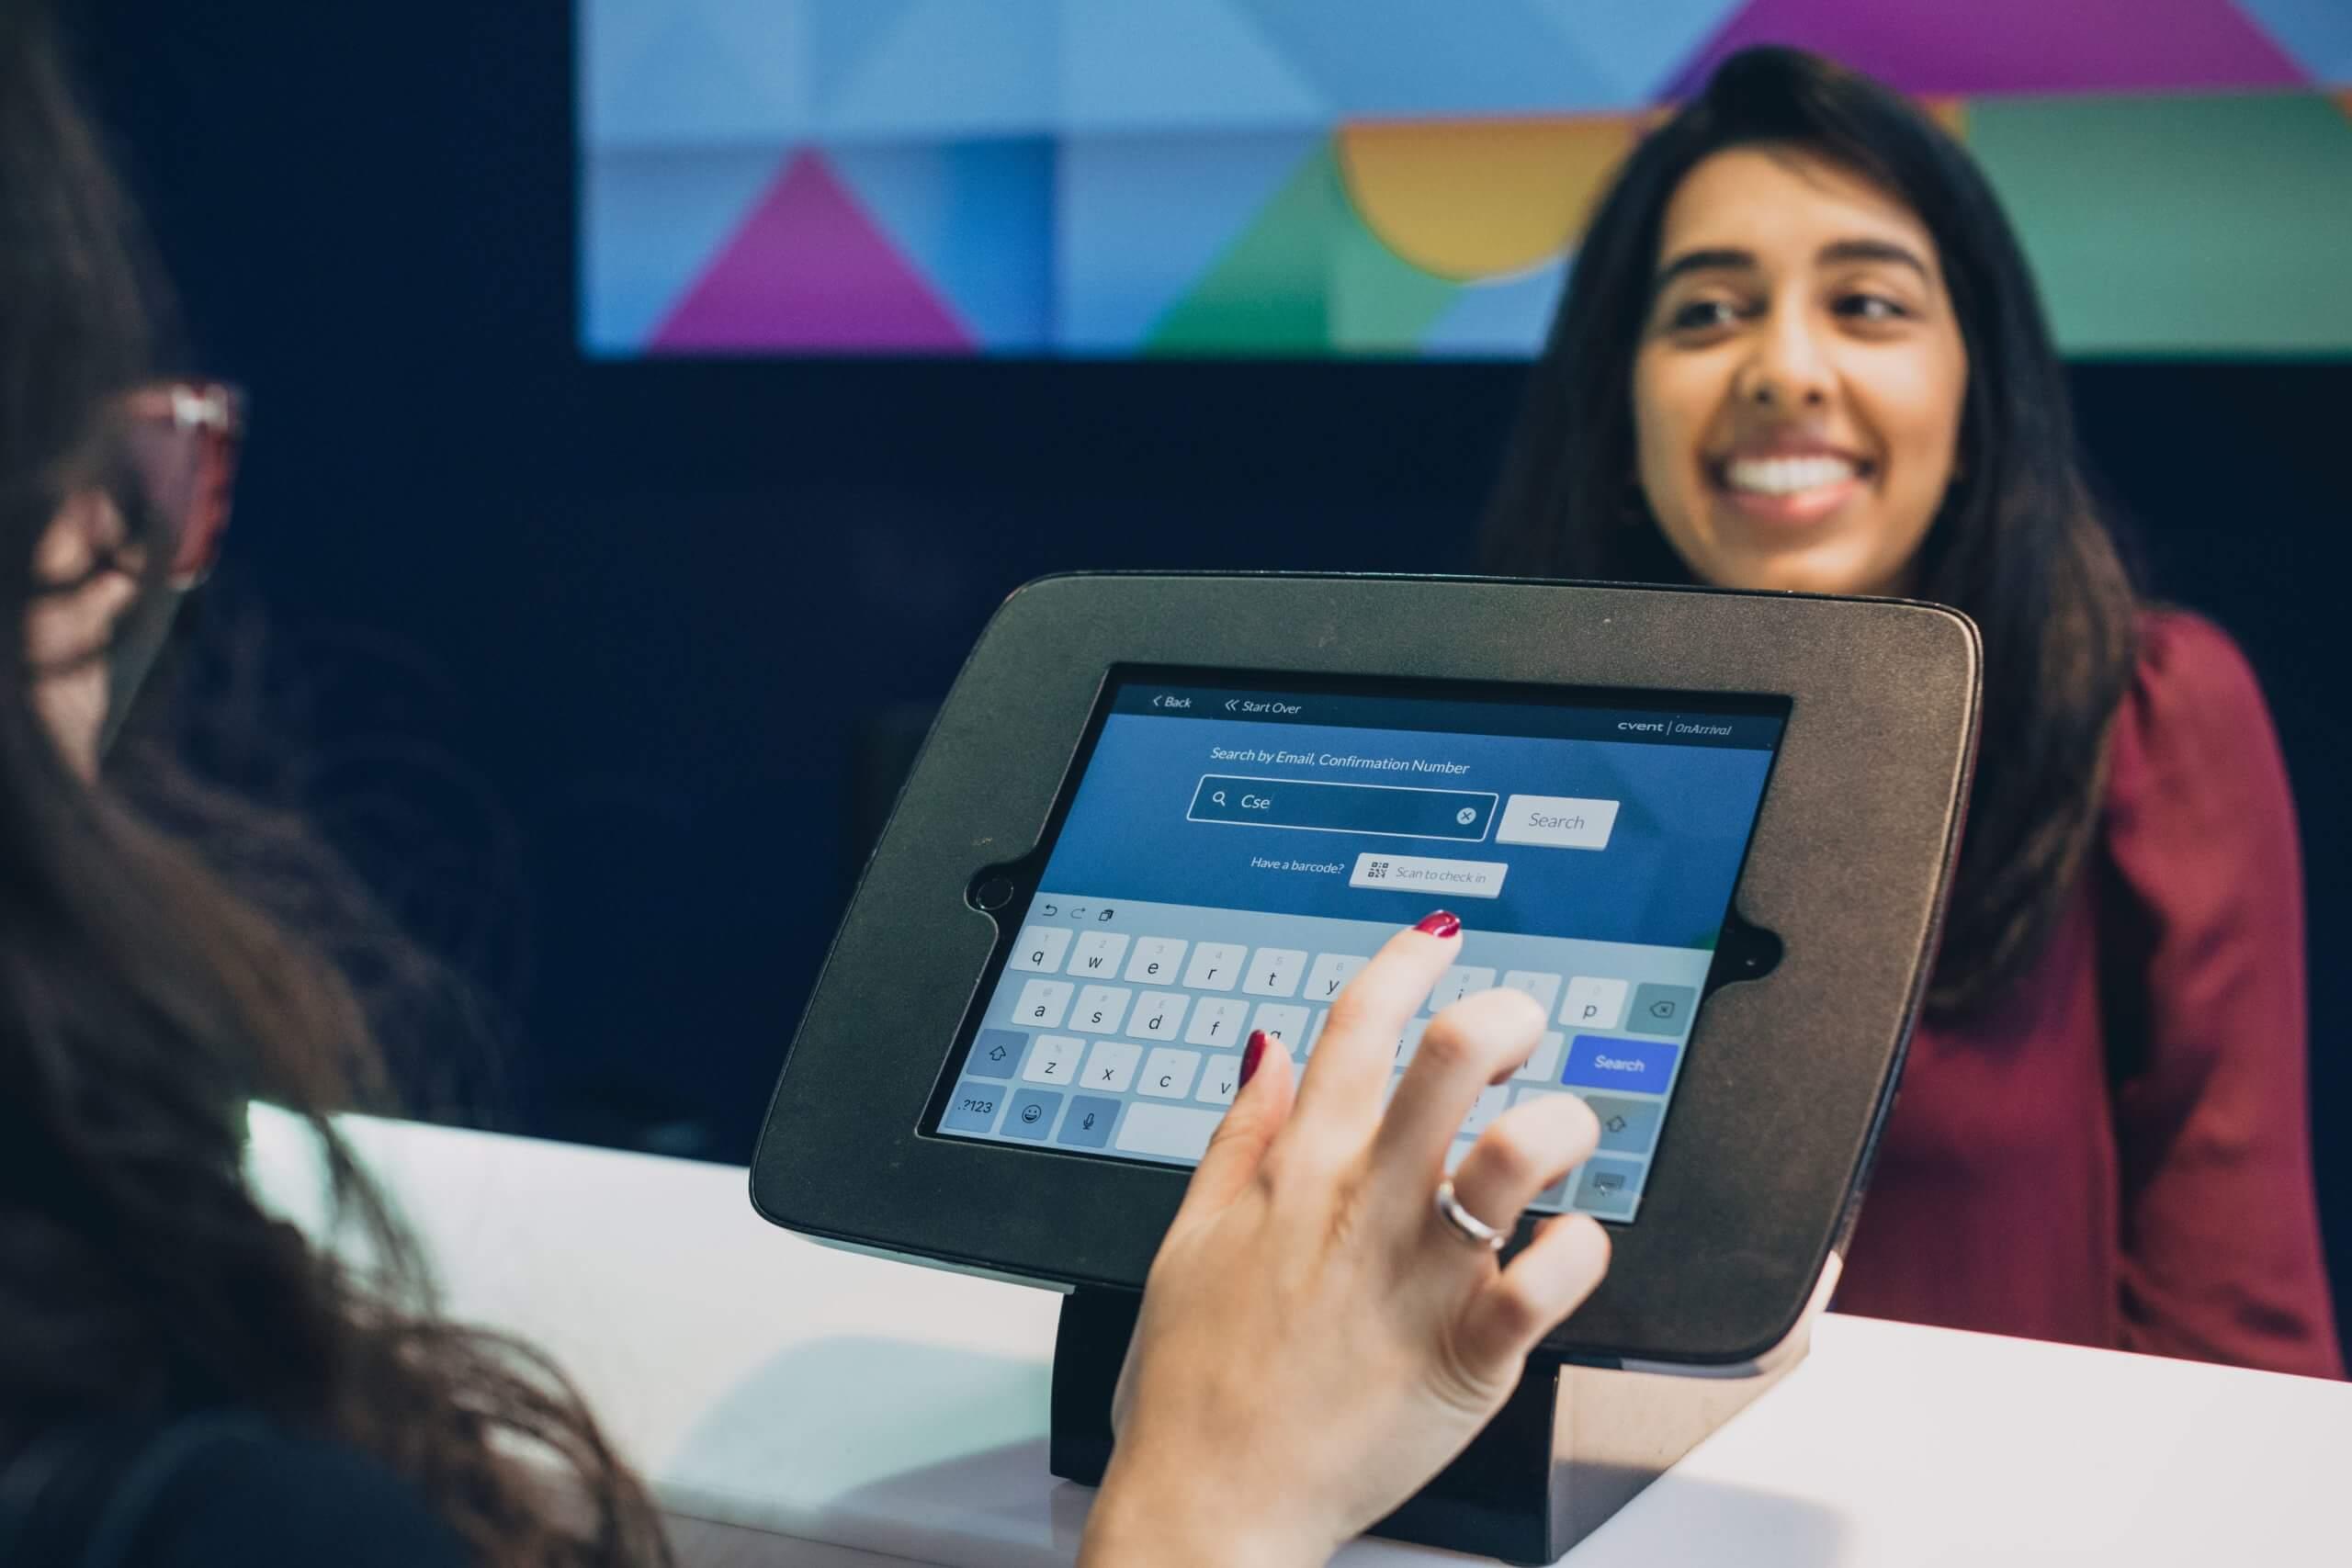 Frau verwendet Touchpad zum Einchecken auf einer Veranstaltung